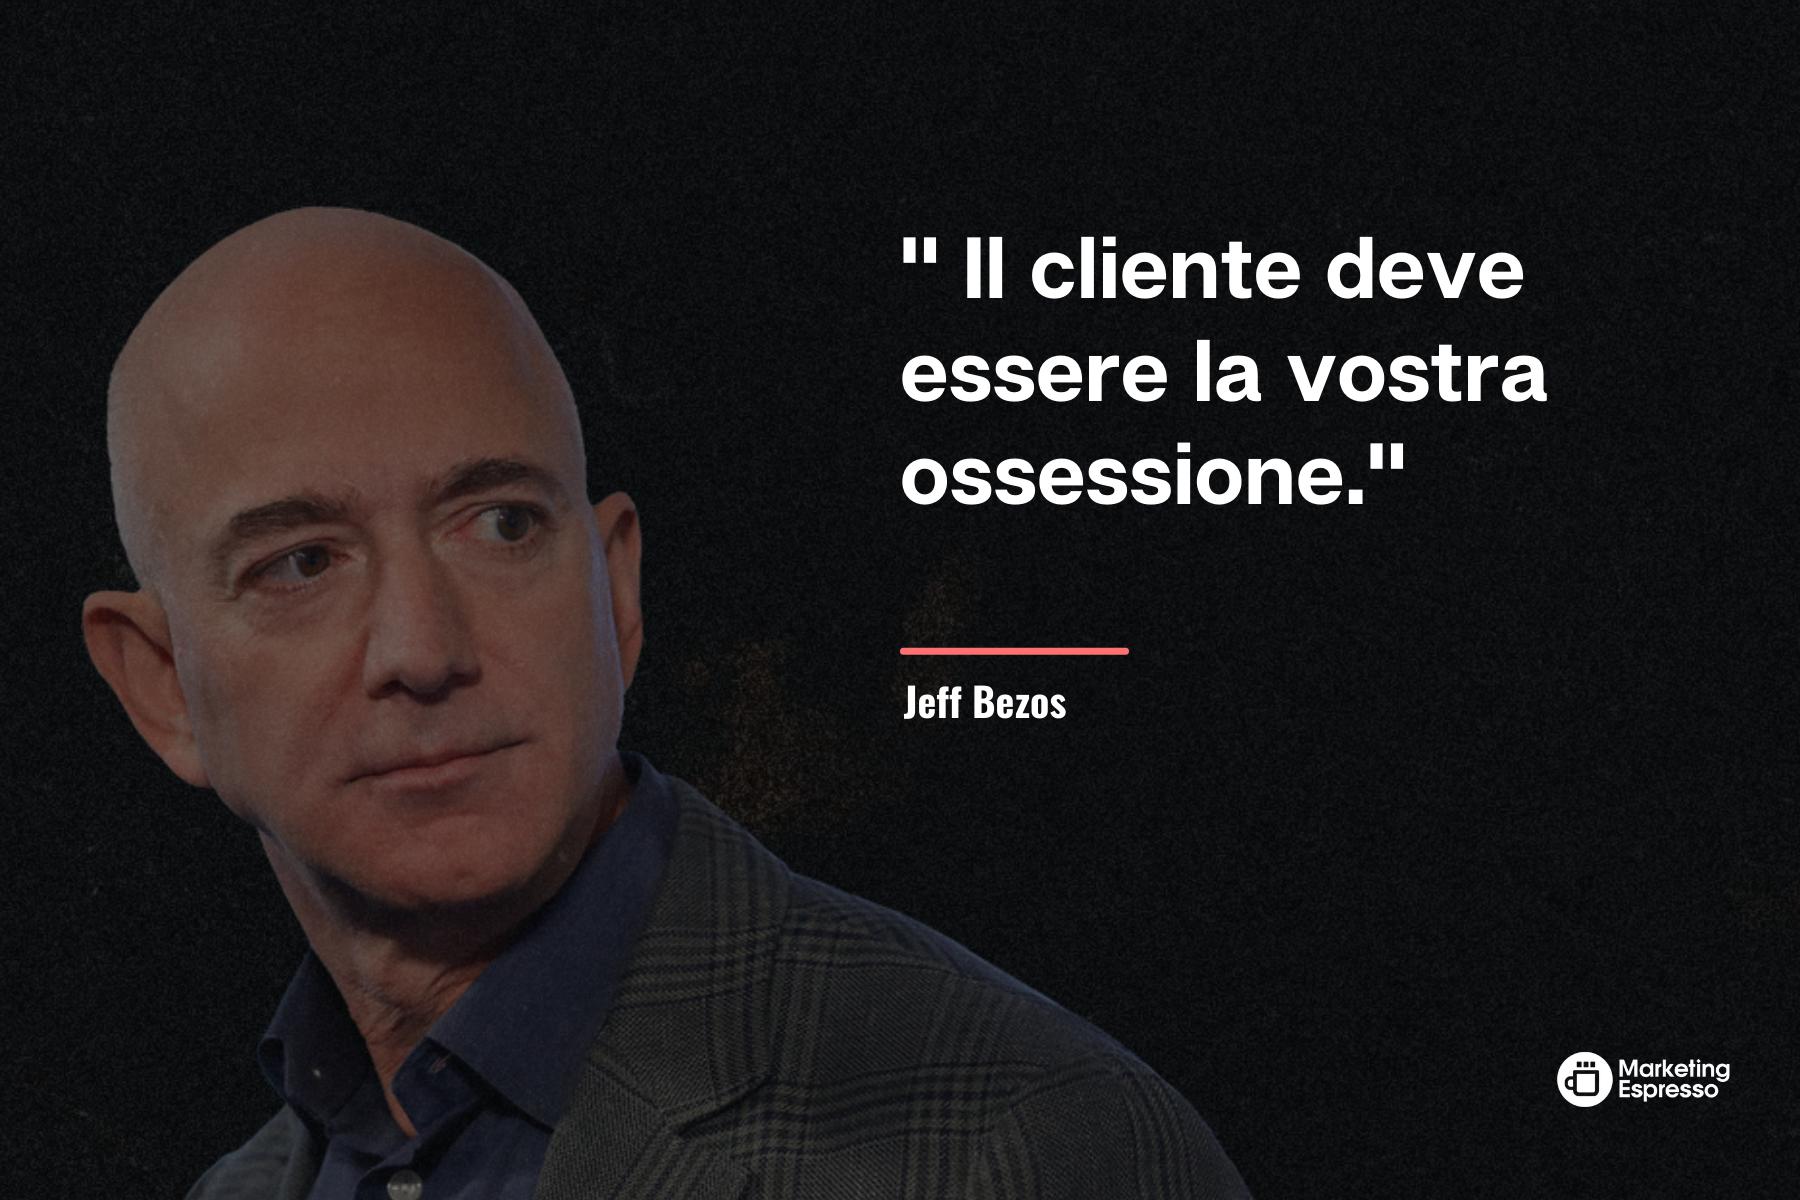 Jeff Bezos e il suo codice di vita